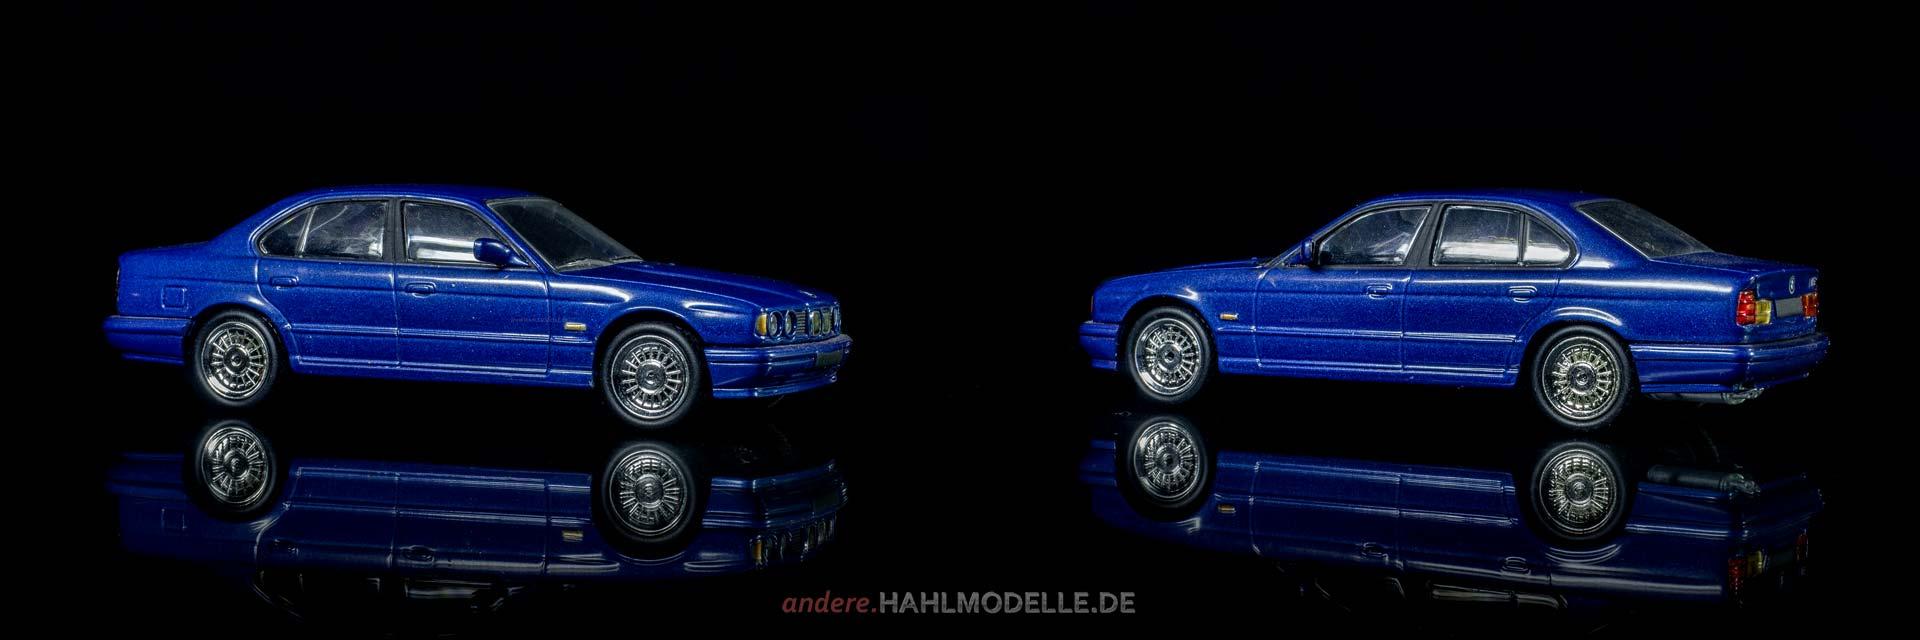 BMW M5 (E34S) | Limousine | Ixo | www.andere.hahlmodelle.de